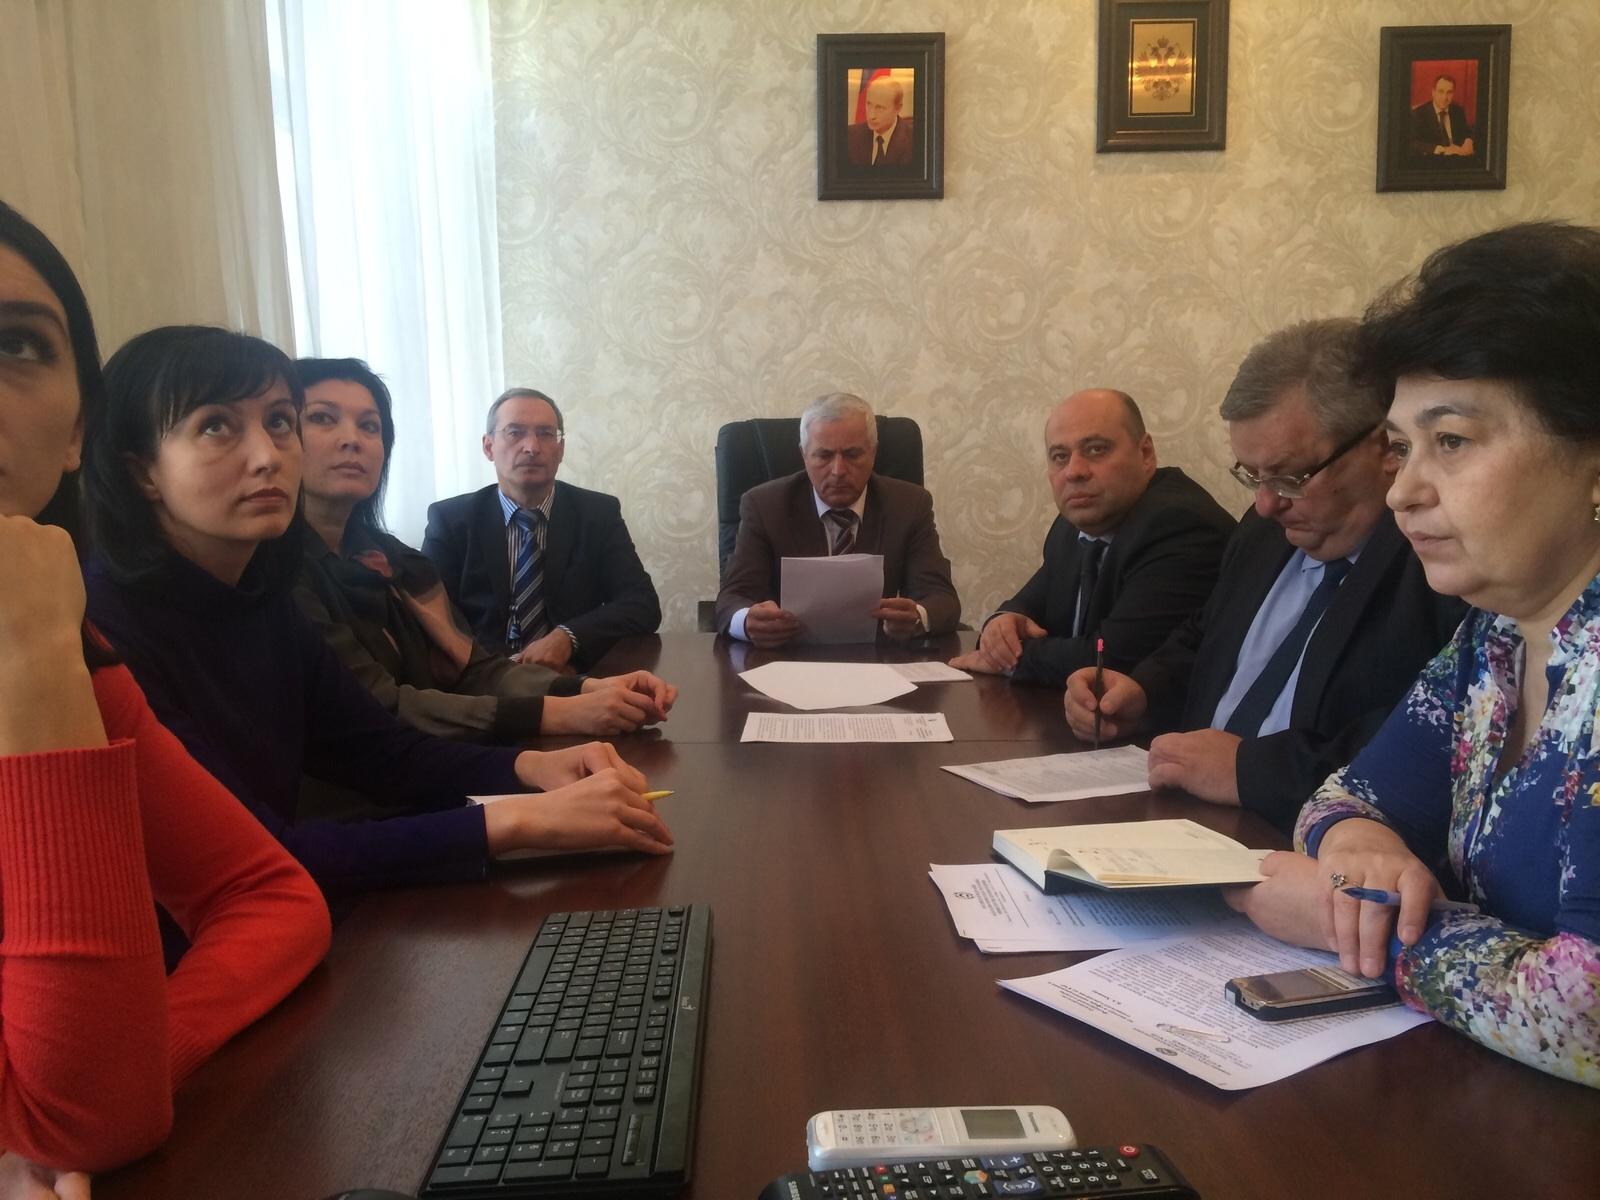 руководитель российского научного центра восстановительной медицины и курортологии минздрава рф мллазарев